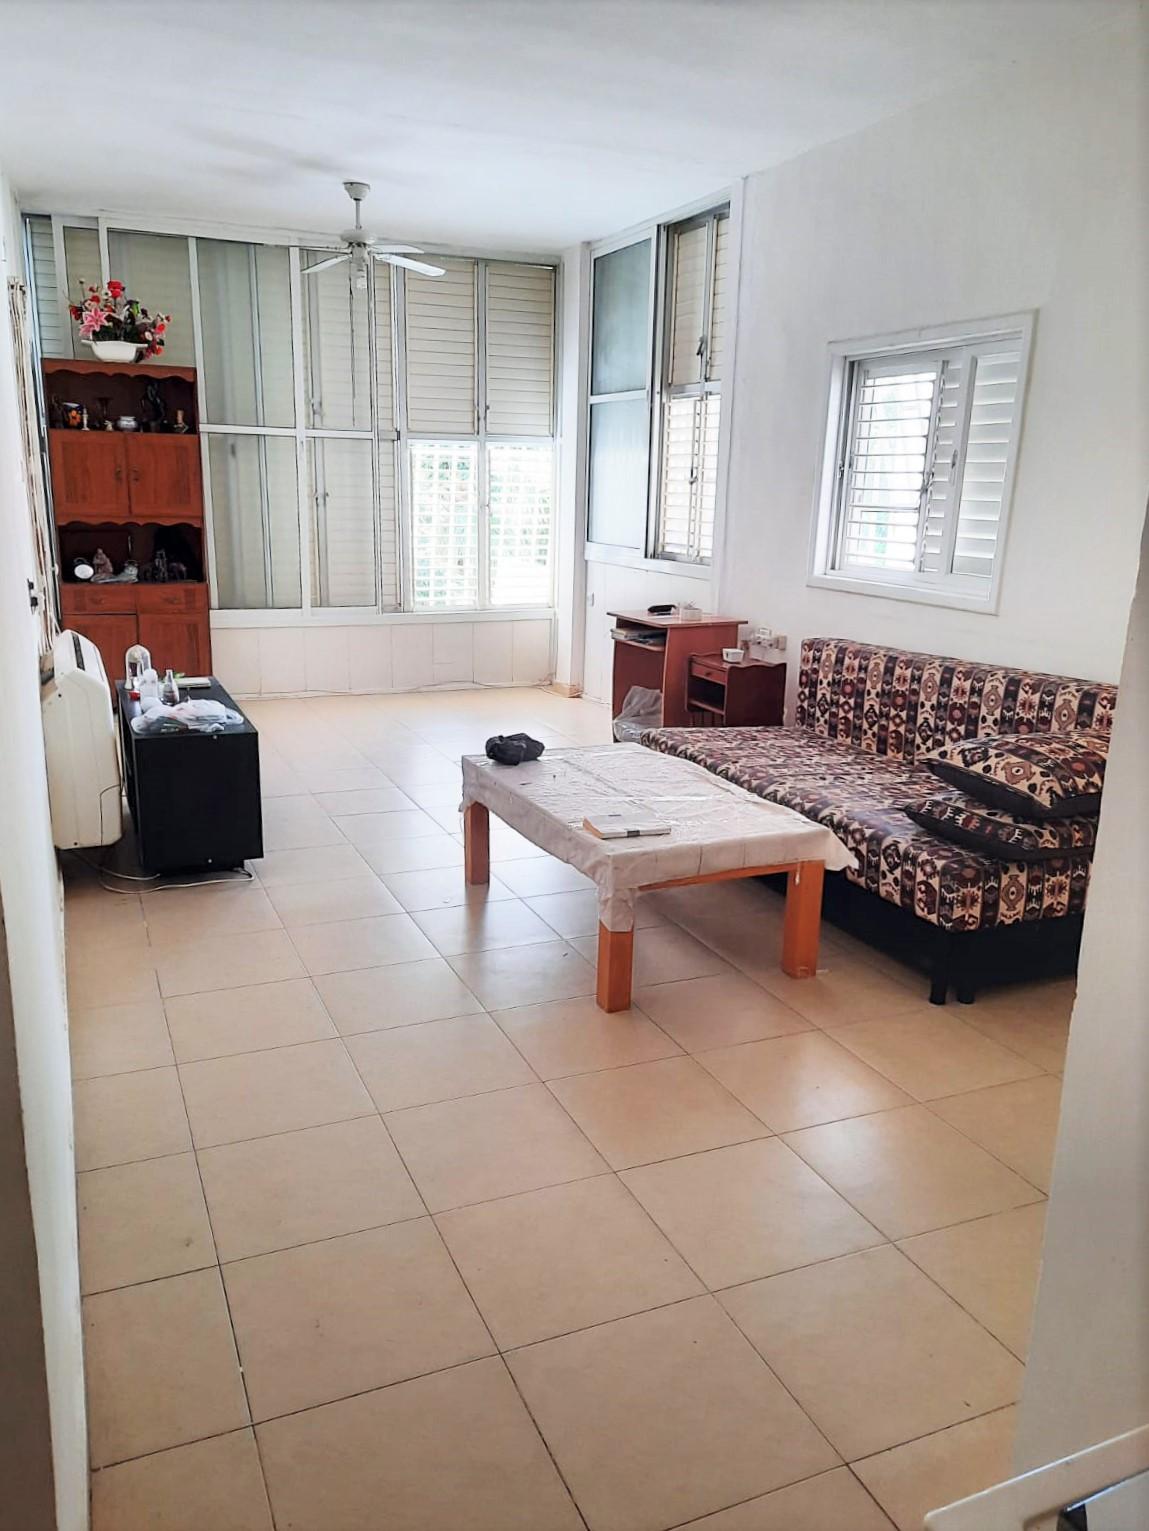 דירה למכירה 2 חדרים 1,550,000₪, בת ים